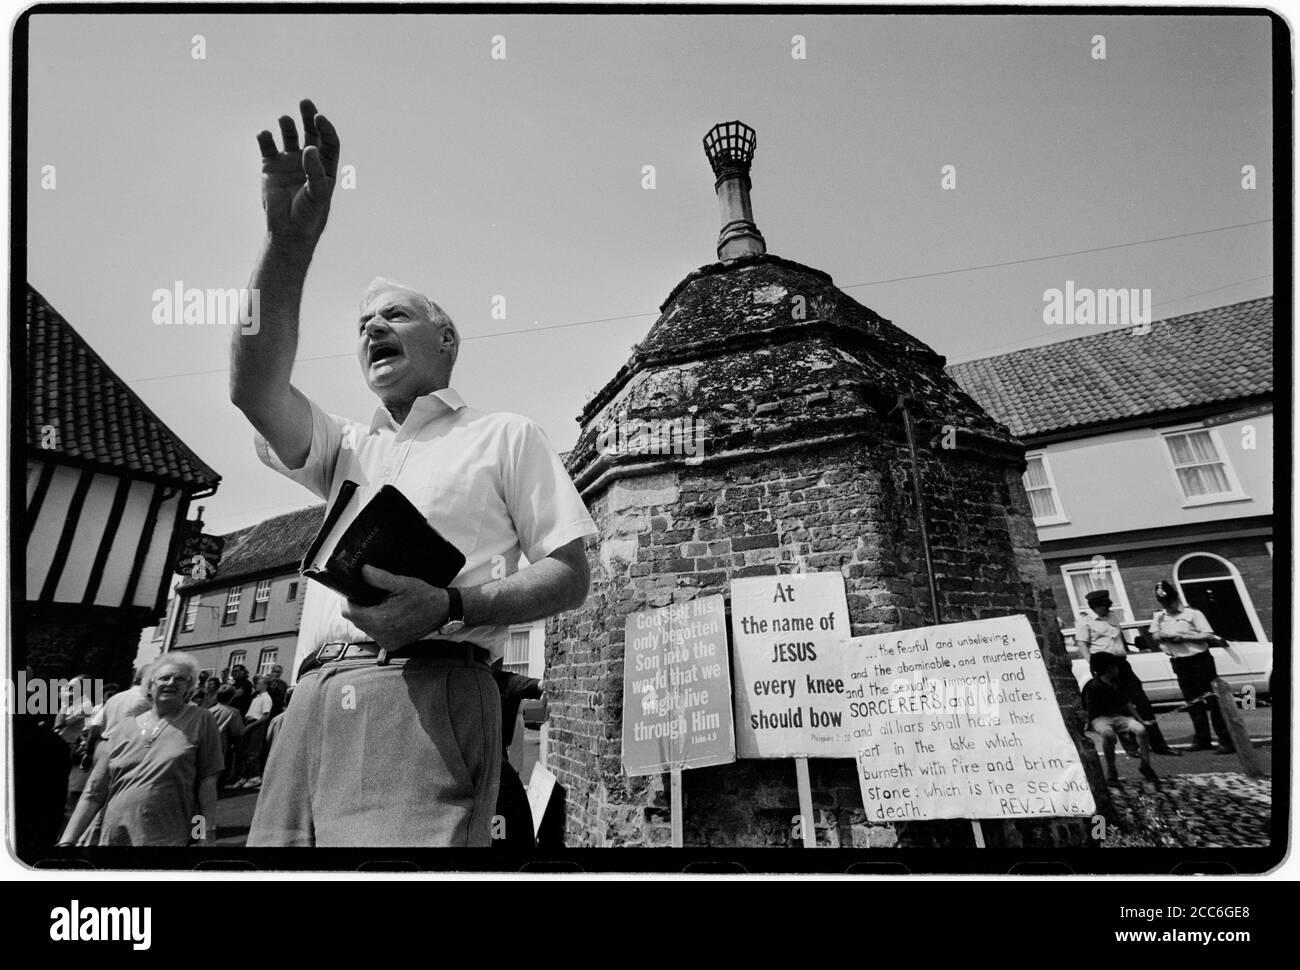 """Walsingham Pilgrimage Norfolk Angleterre Mai 1992 notre Dame de Walsingham est un titre de la Sainte Vierge Marie vénérée par les catholiques et quelques anglicans associés aux apparitions mariales à Richeldis de Faverches, une noble anglaise pieuse, en 1061 dans le village de Walsingham à Norfolk, en Angleterre. Lady Richeldis a construit une structure nommée """"la Maison Sainte"""" à Walsingham qui devint plus tard un sanctuaire et un lieu de pèlerinage. En passant sous sa tutelle de la Maison Sainte, le fils de Richdis, Geoffrey, a laissé des instructions pour la construction d'un prieuré à Walsingham. Le prieuré est passé dans le soin o Banque D'Images"""